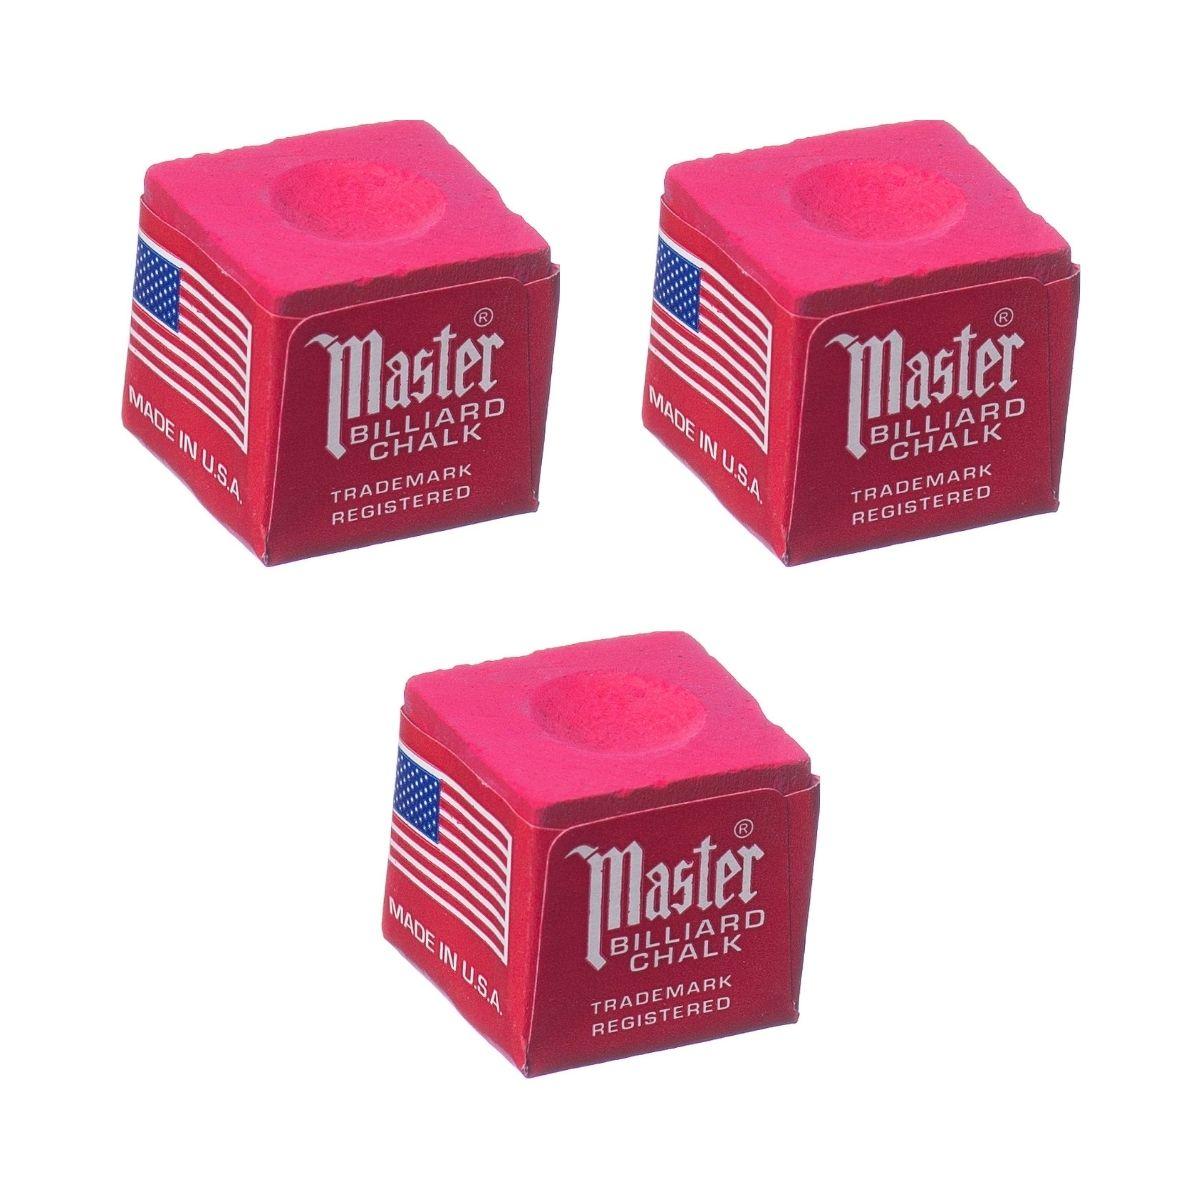 Giz Master Vermelho Made In Usa para tacos de sinuca - 03 unidades